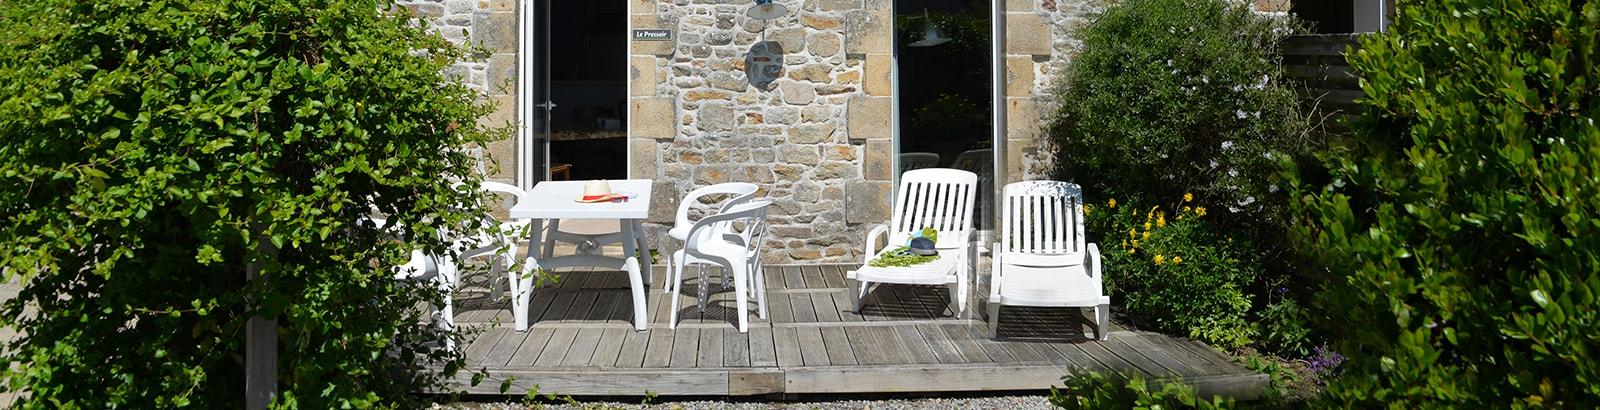 Gîte authentique pour 6 personnes avec jardin et terrasse privés